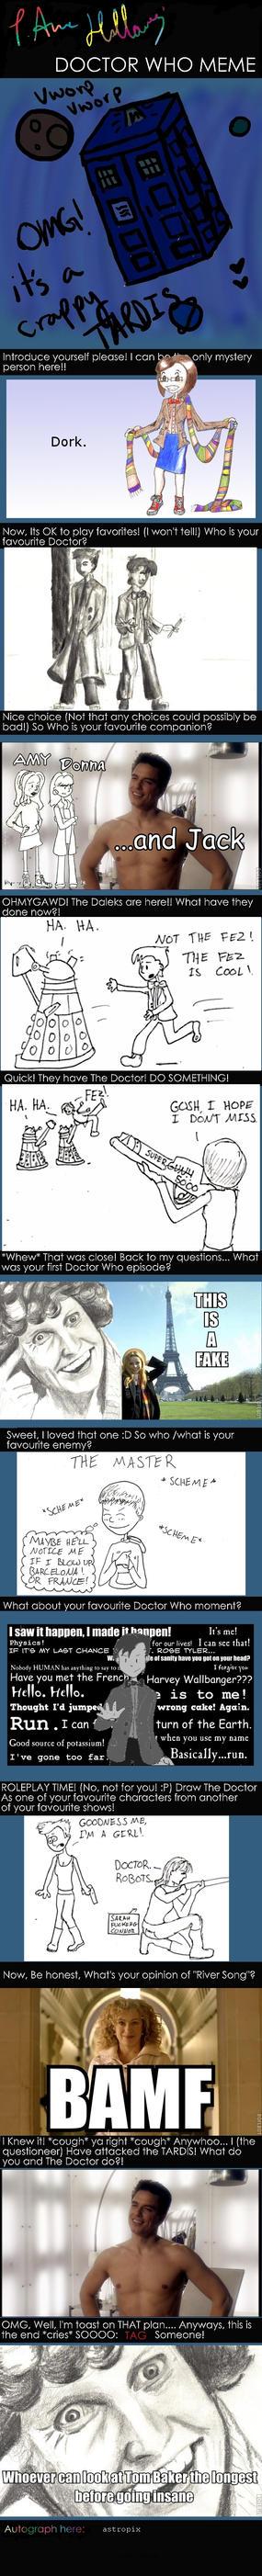 Doctor Who Meme of Memery by astropix